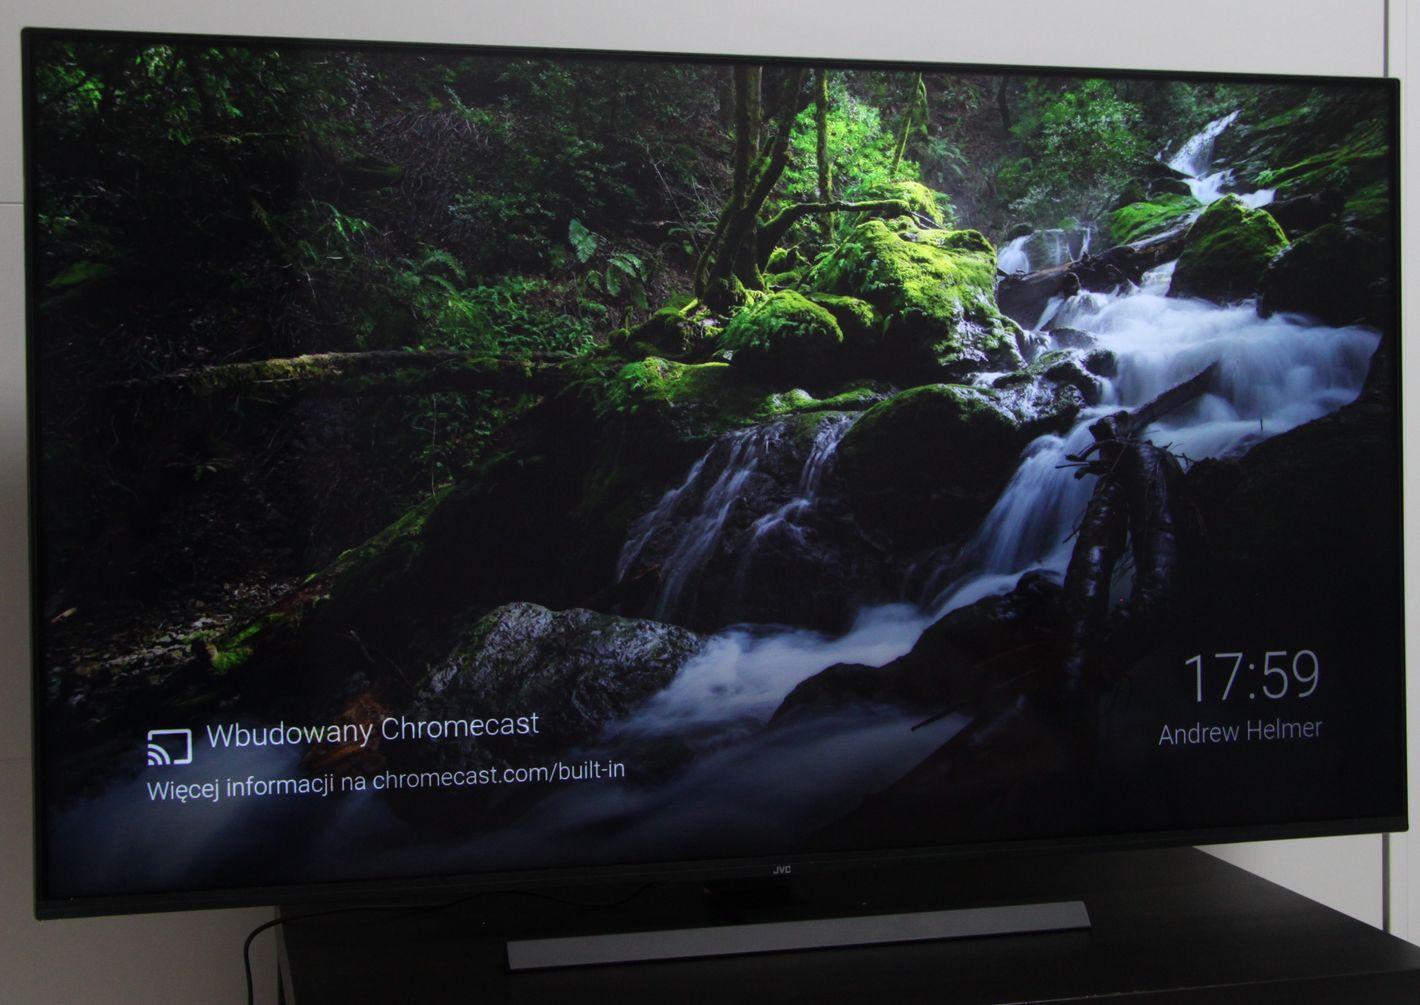 JVC 55VA8000 Chromecast